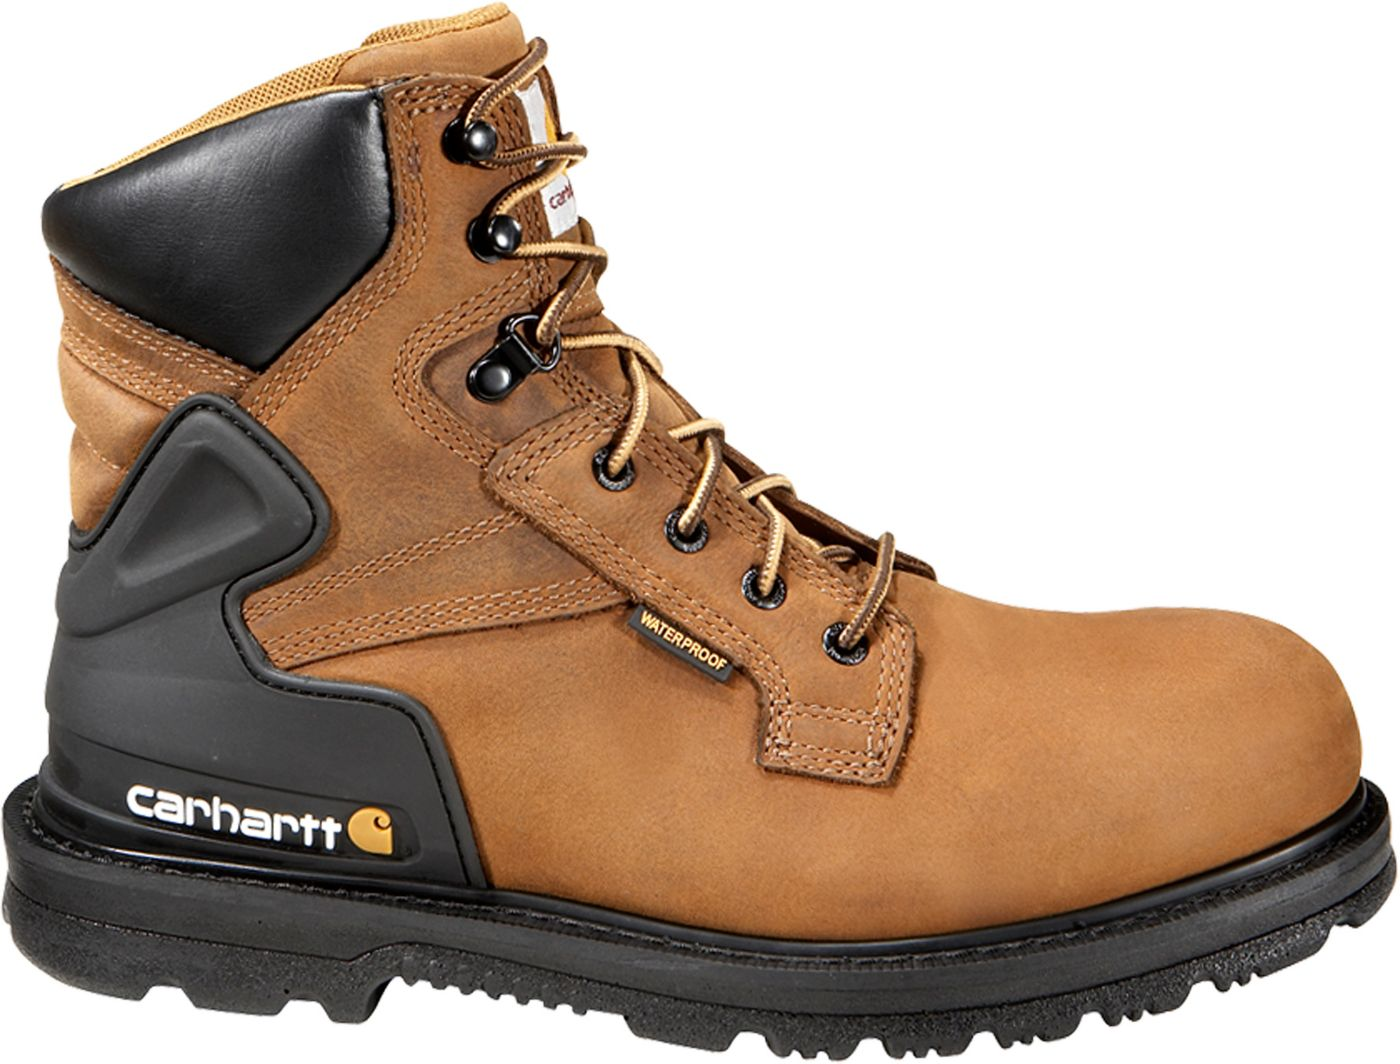 Carhartt Men's Bison Waterproof Steel Toe Work Boots